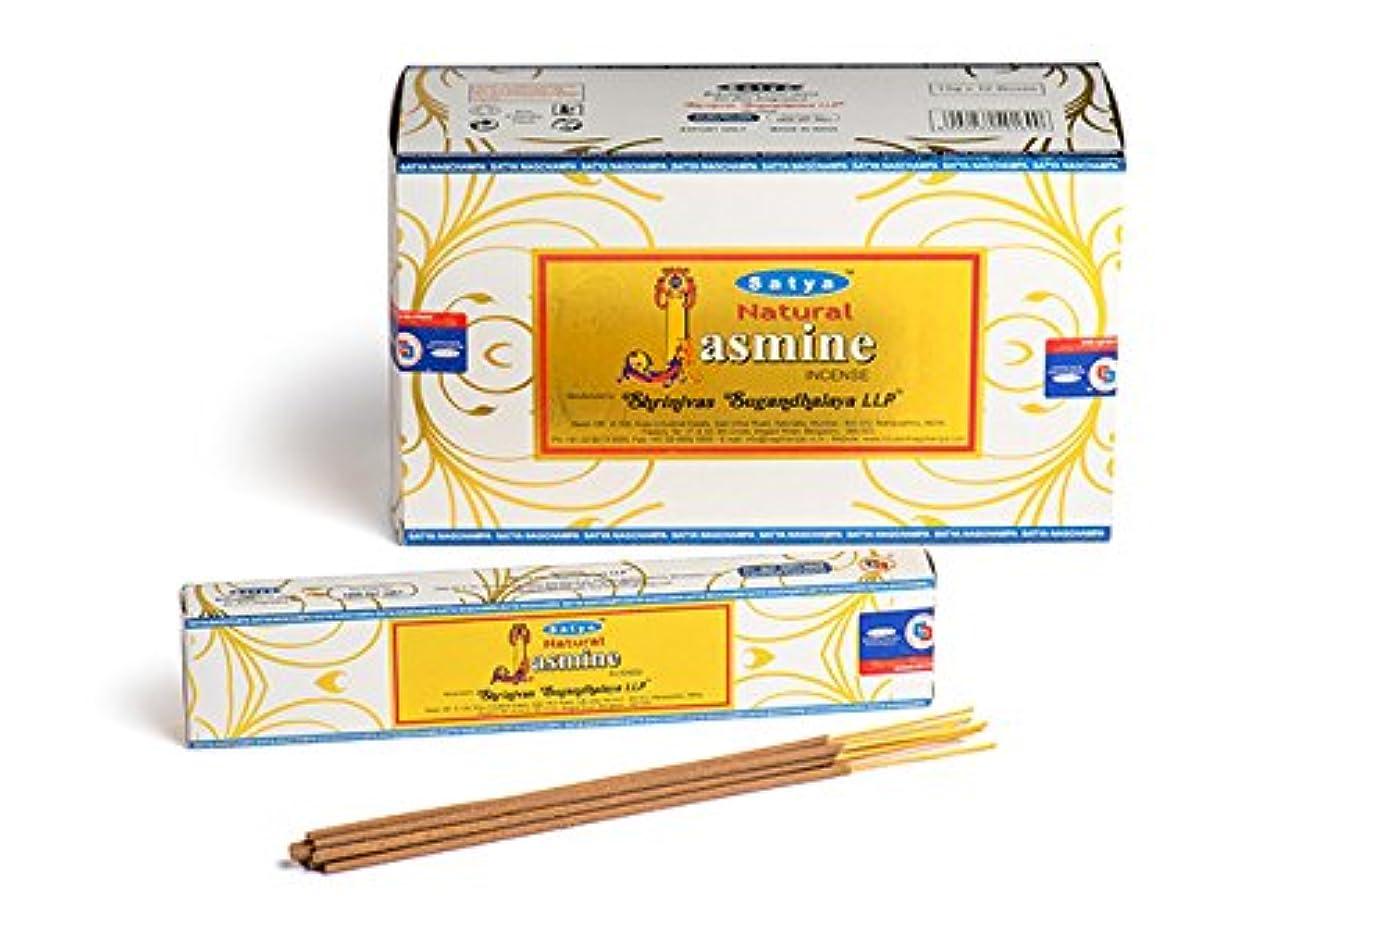 ファイルコイルやりがいのあるSatya Nag Champa 天然ジャスミン お香スティック Agarbatti 180グラムボックス   15グラム入り12パック 箱入り   輸出品質